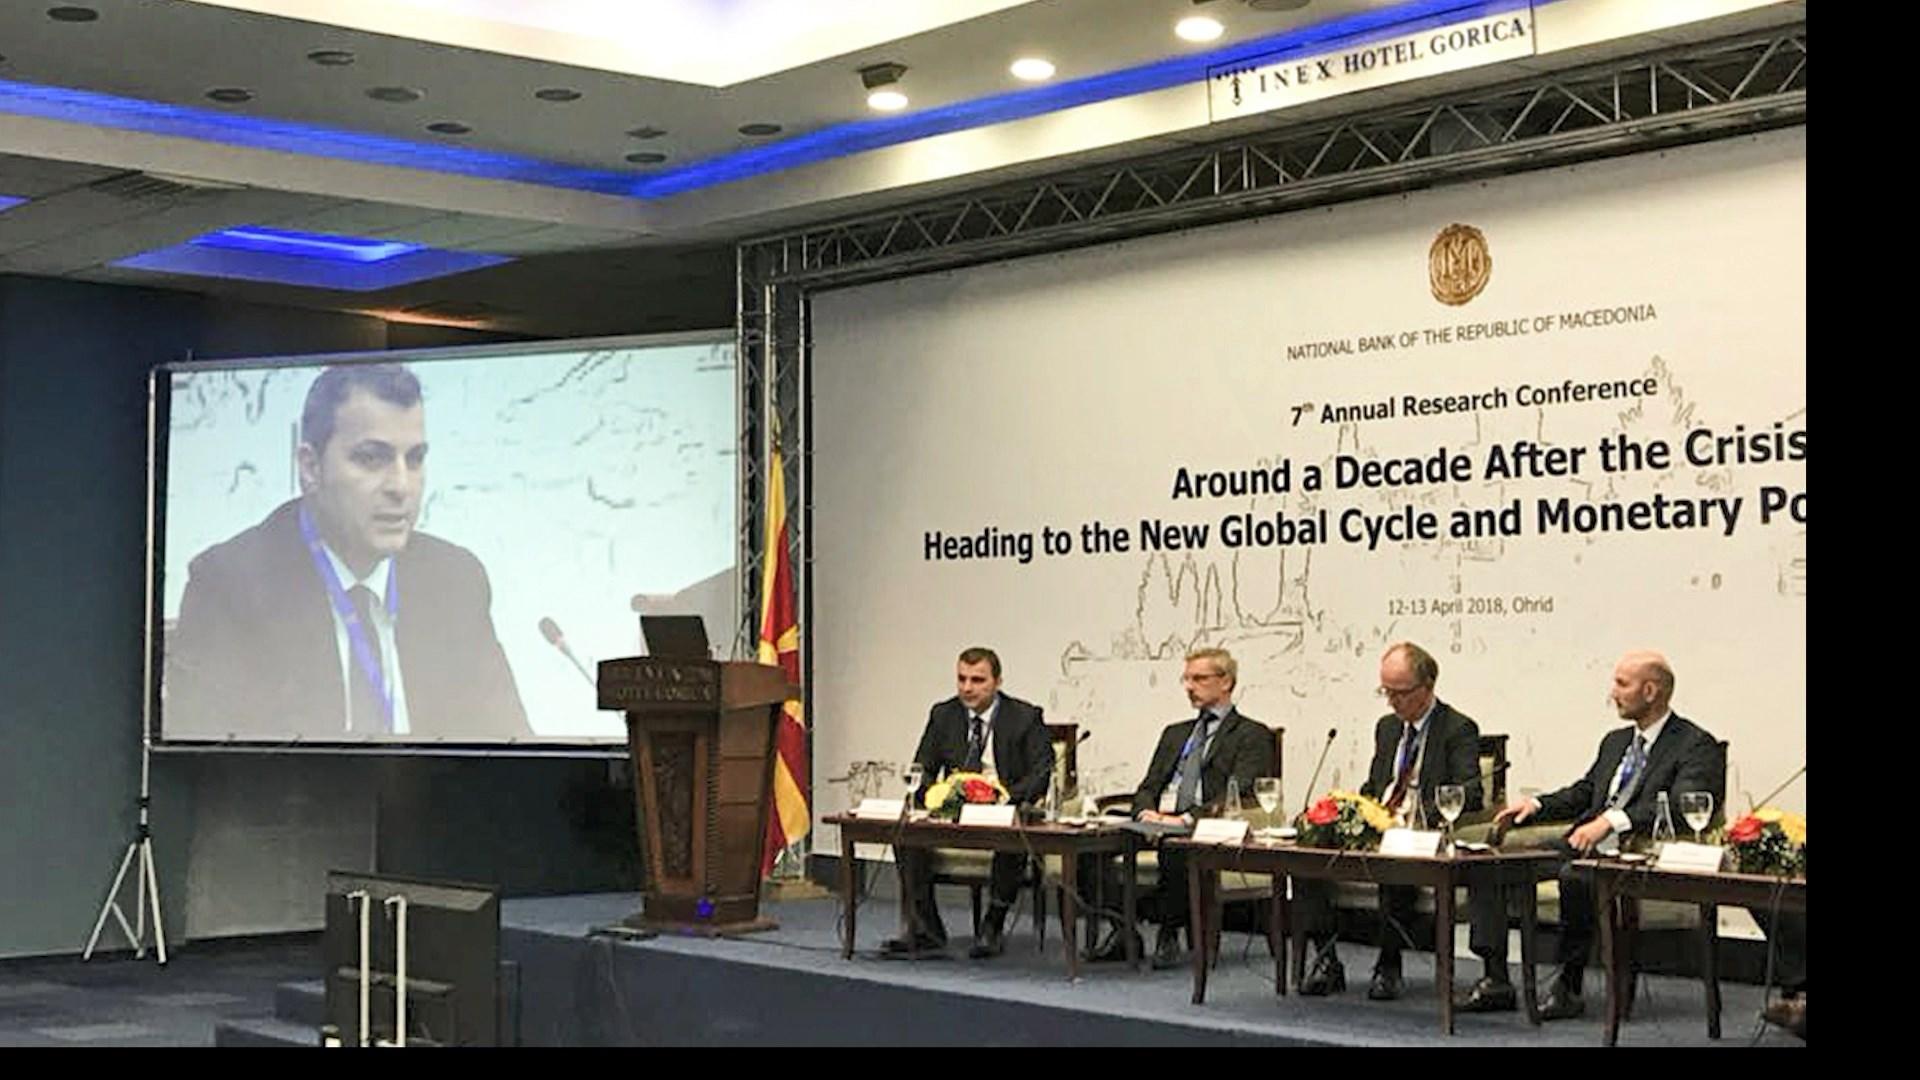 """Guvernatori Sejko në konferencën """"Rreth një dekadë pas krizës"""""""